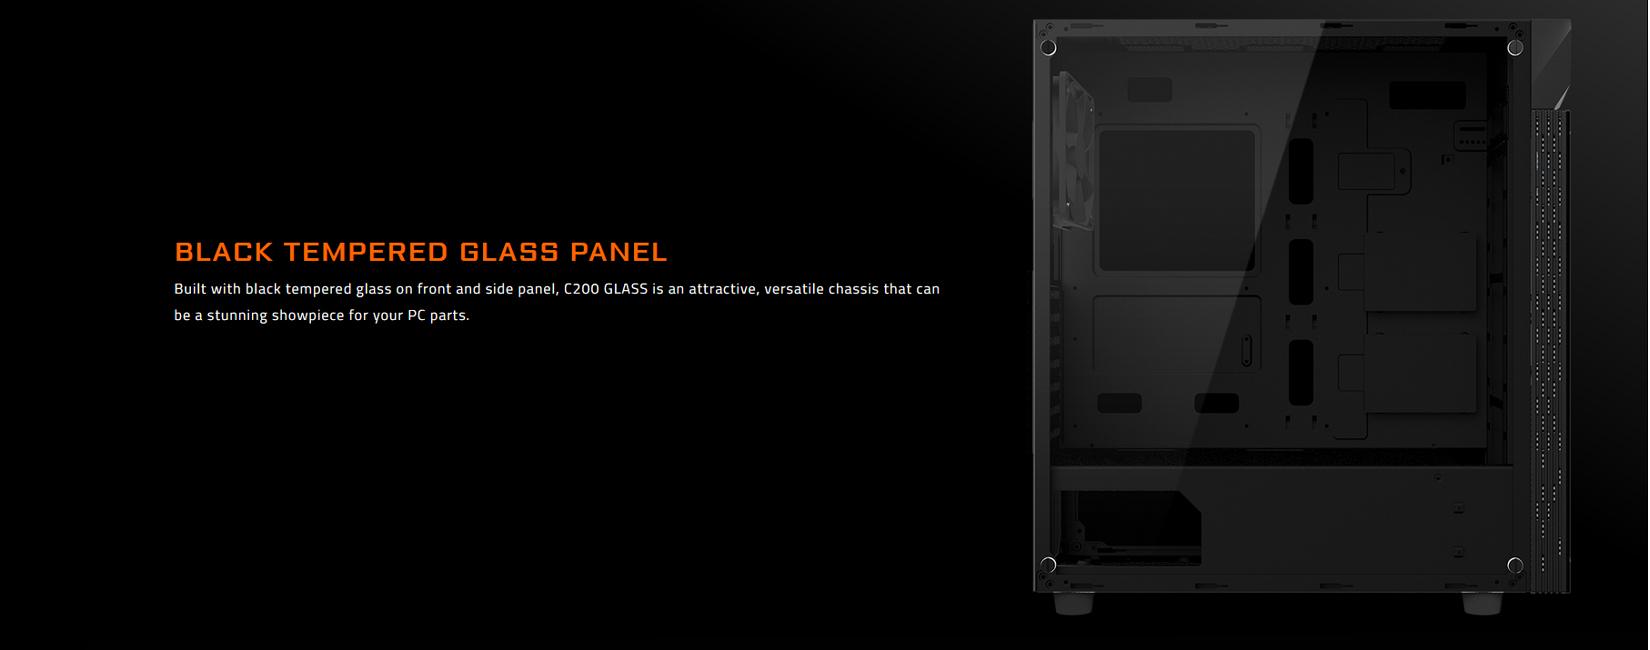 Vỏ Case Gigabyte C200 GLASS GB-C200G (Mid Tower/Màu Đen) với tấm kính cường lực bên hông màu đen sẵn sàng khoe trọn nội thất bên trong PC của bạn